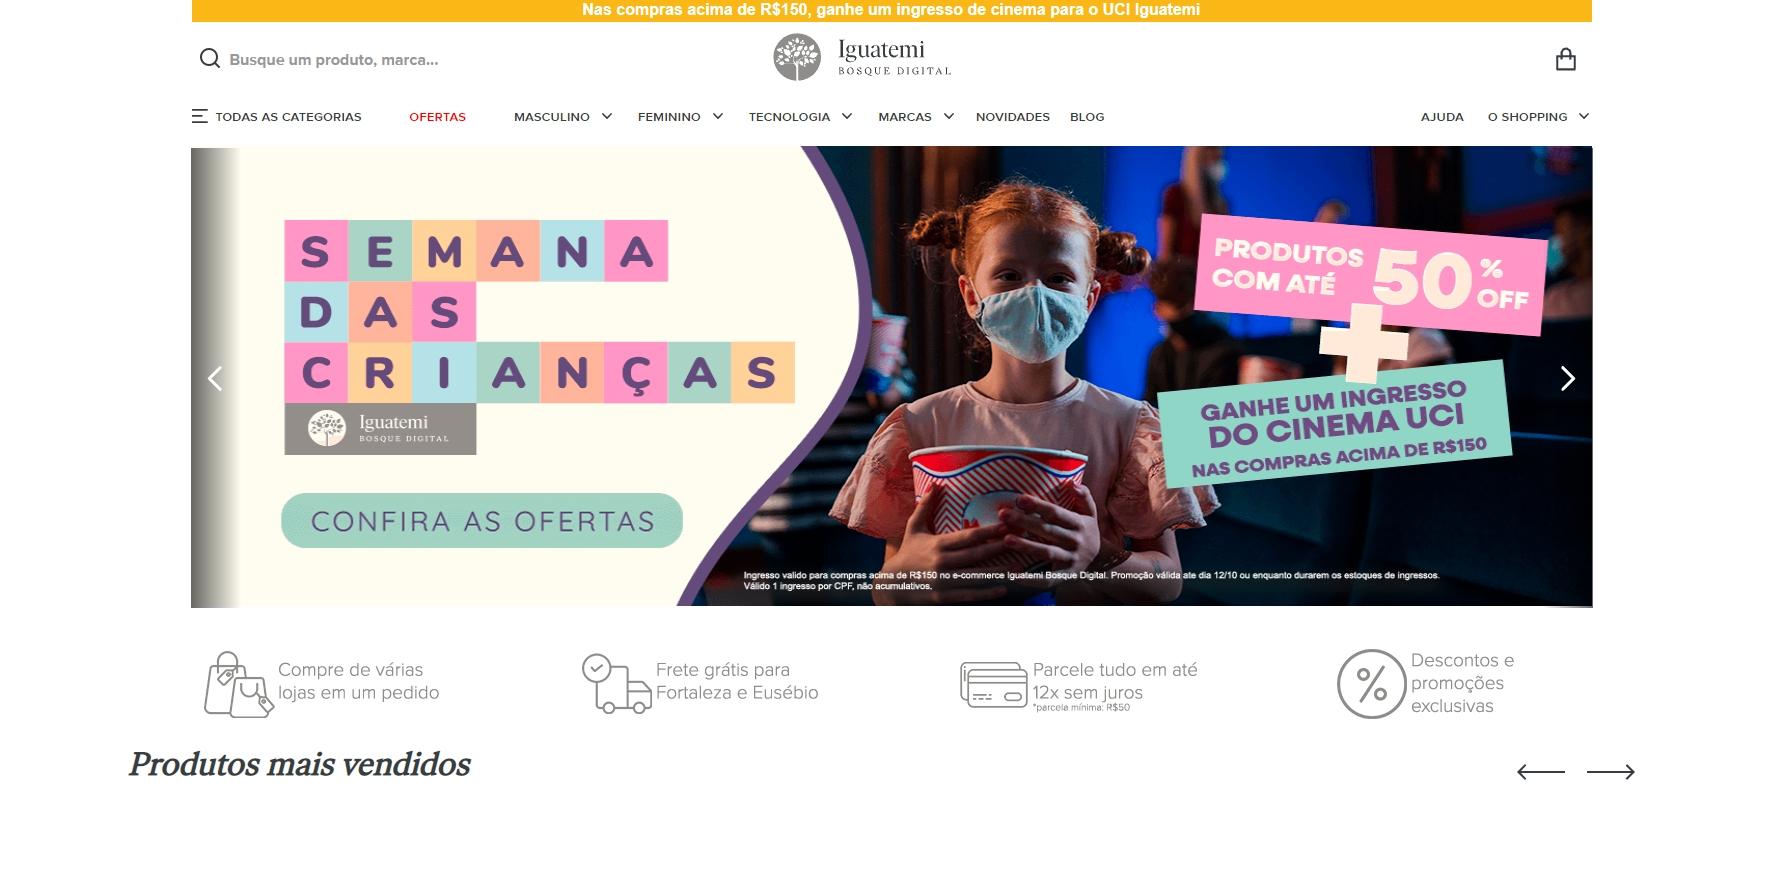 Iguatemi Bosque Digital tem ofertas durante a semana das crianças. Vem saber!